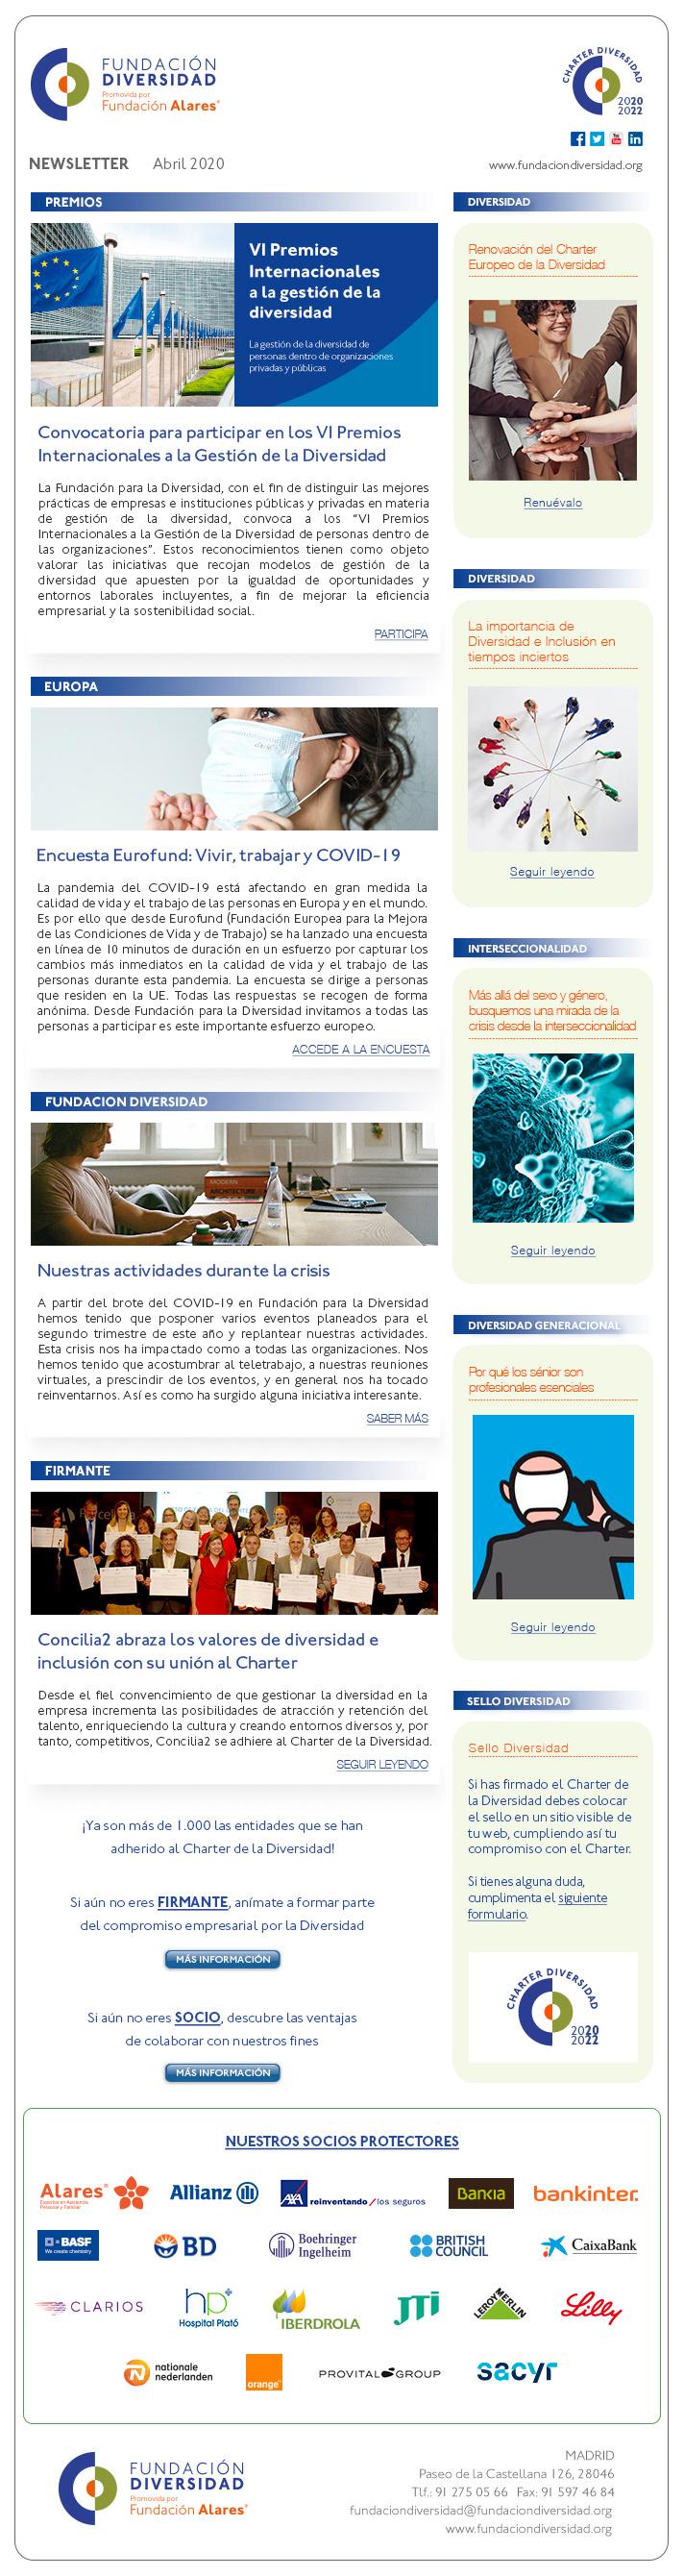 Newsletter Abril 2020 | Fundación Diversidad